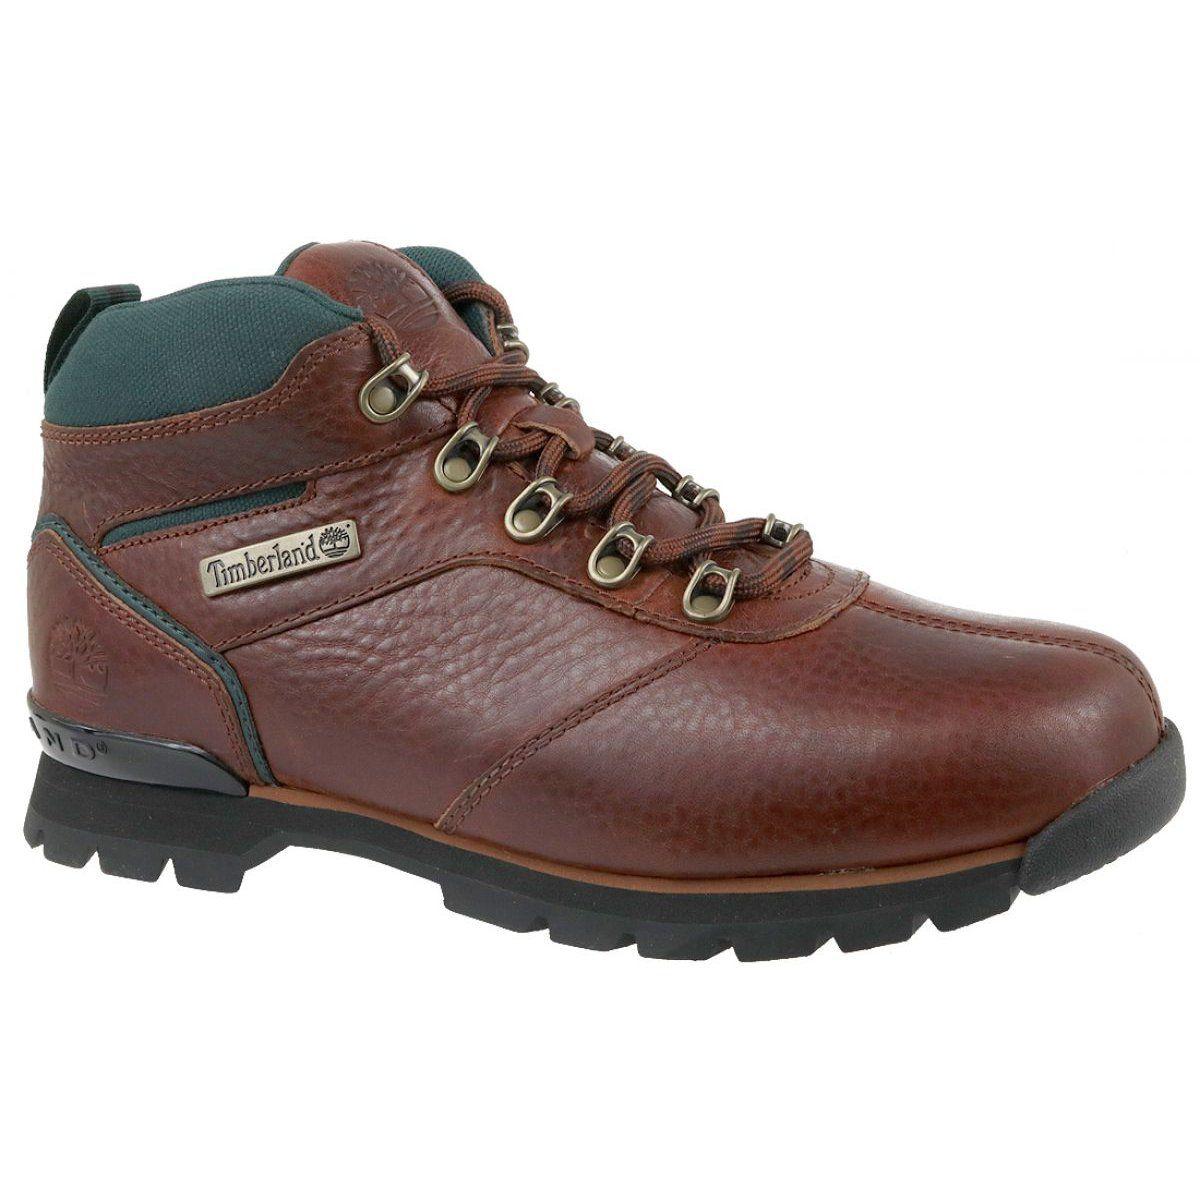 Buty Timberland Splitrock 2 M A1hvq Czarne Timberland Boots Mens Timberland Splitrock Winter Hiking Boots